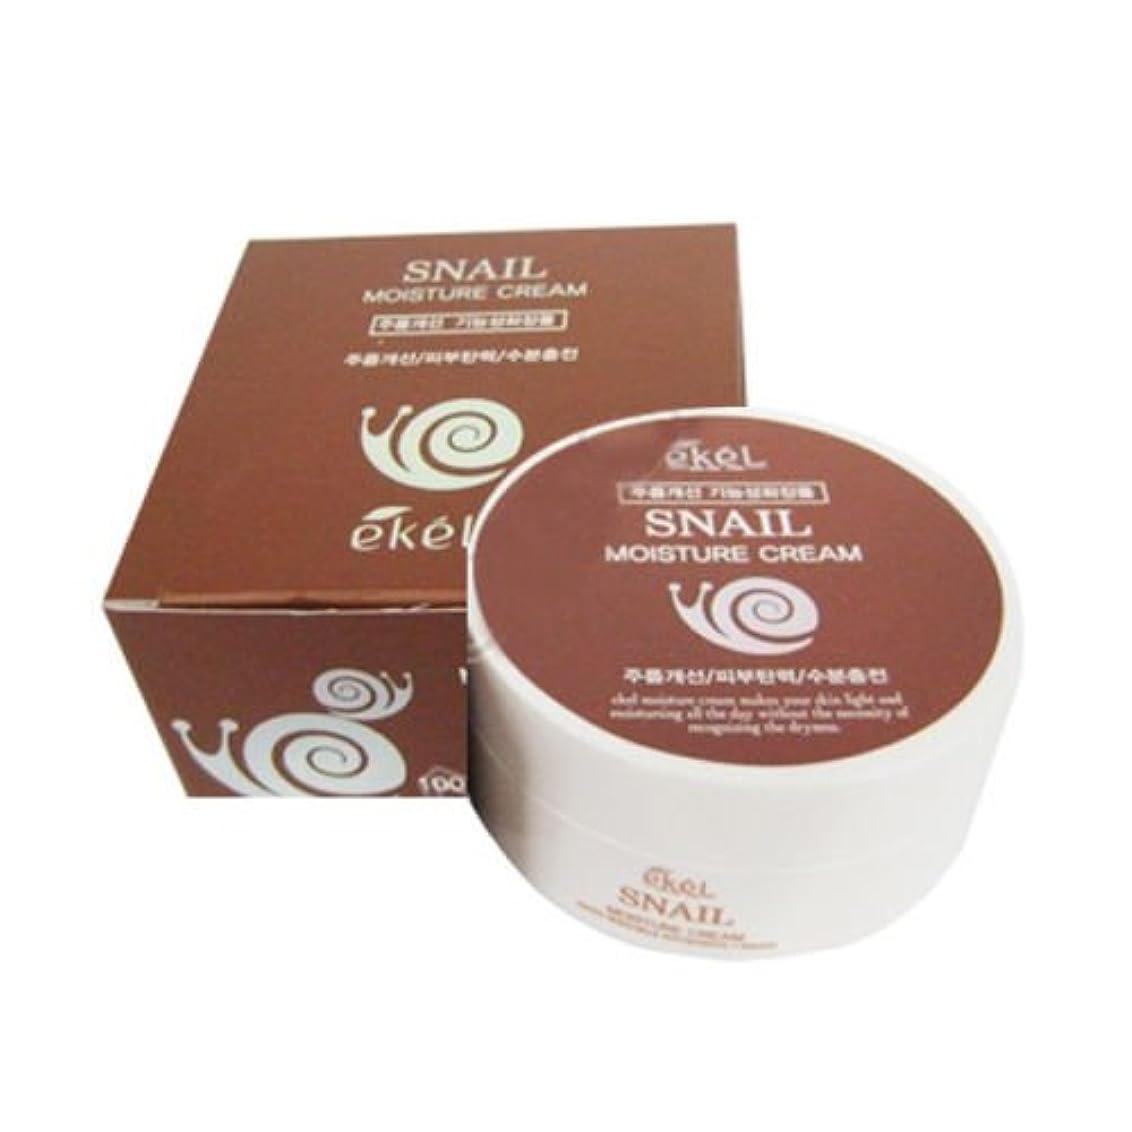 サバントタックエネルギーイケル[韓国コスメEkel]Snail Moisture Cream カタツムリモイスチャークリーム100g [並行輸入品]